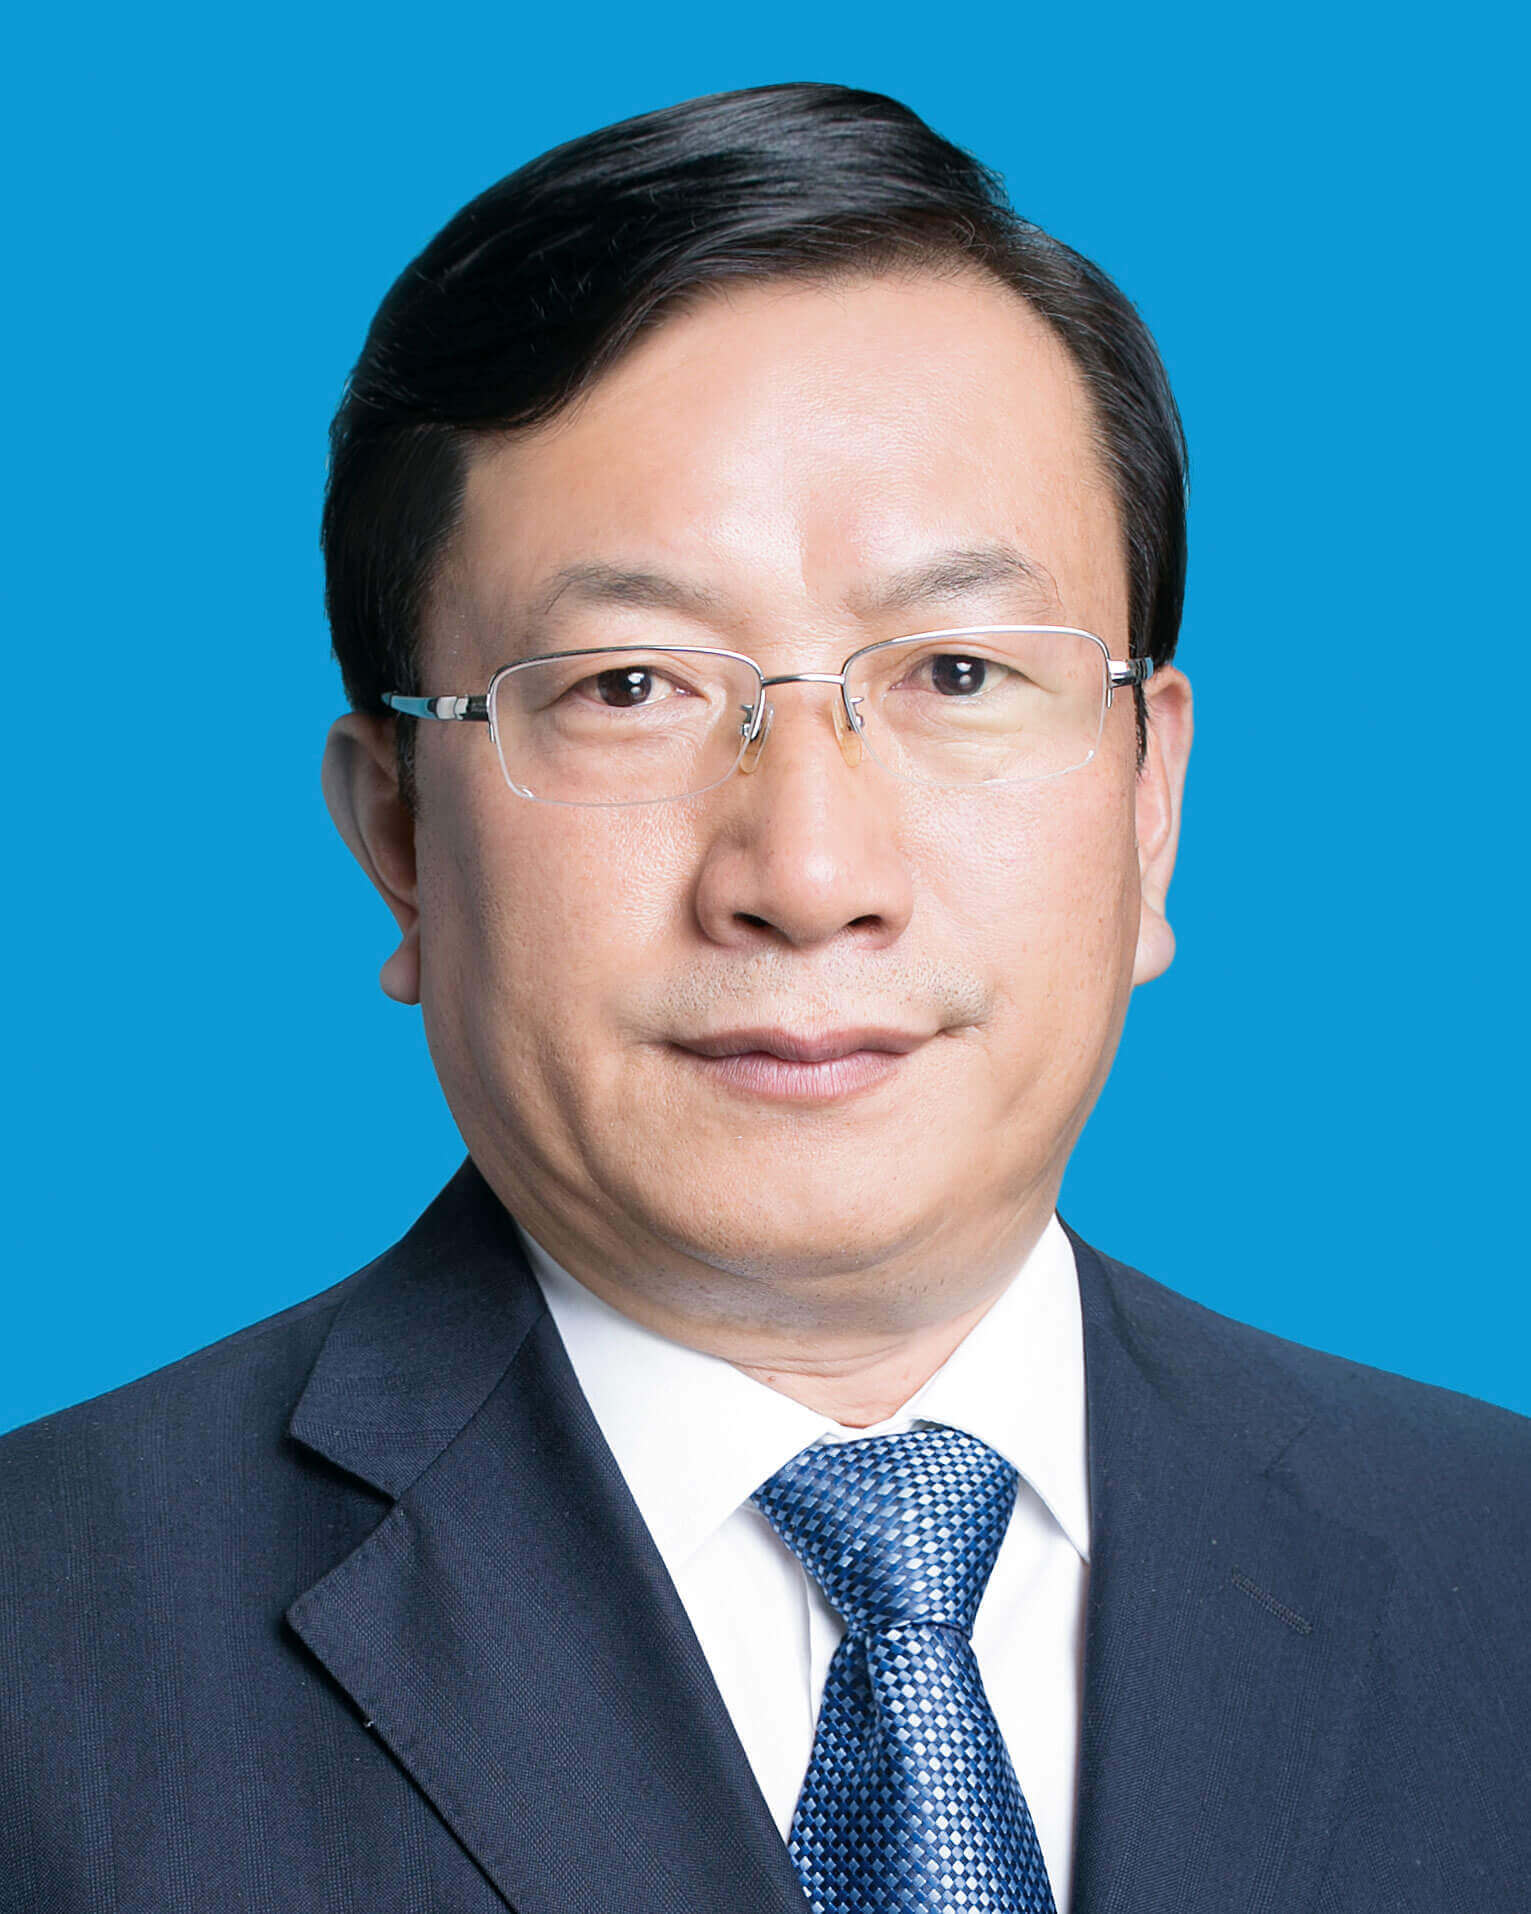 湖北省委主要负责同志职务调整应勇任湖北省委书记